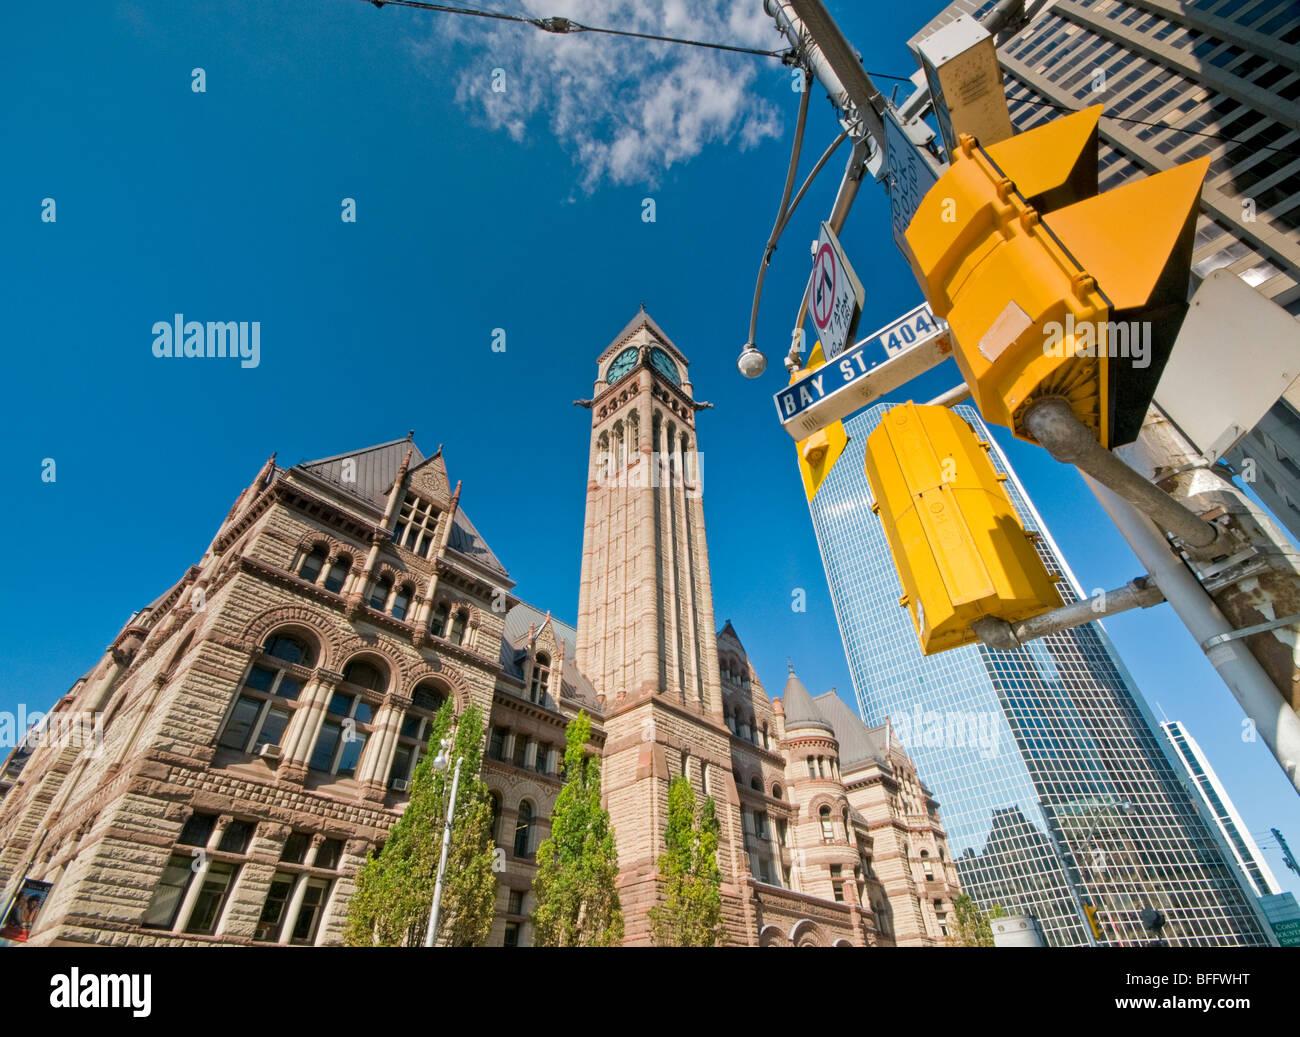 Il vecchio municipio, angolo di Queen Street West & Bay Street, Toronto, Canada Ontario, America del Nord Immagini Stock